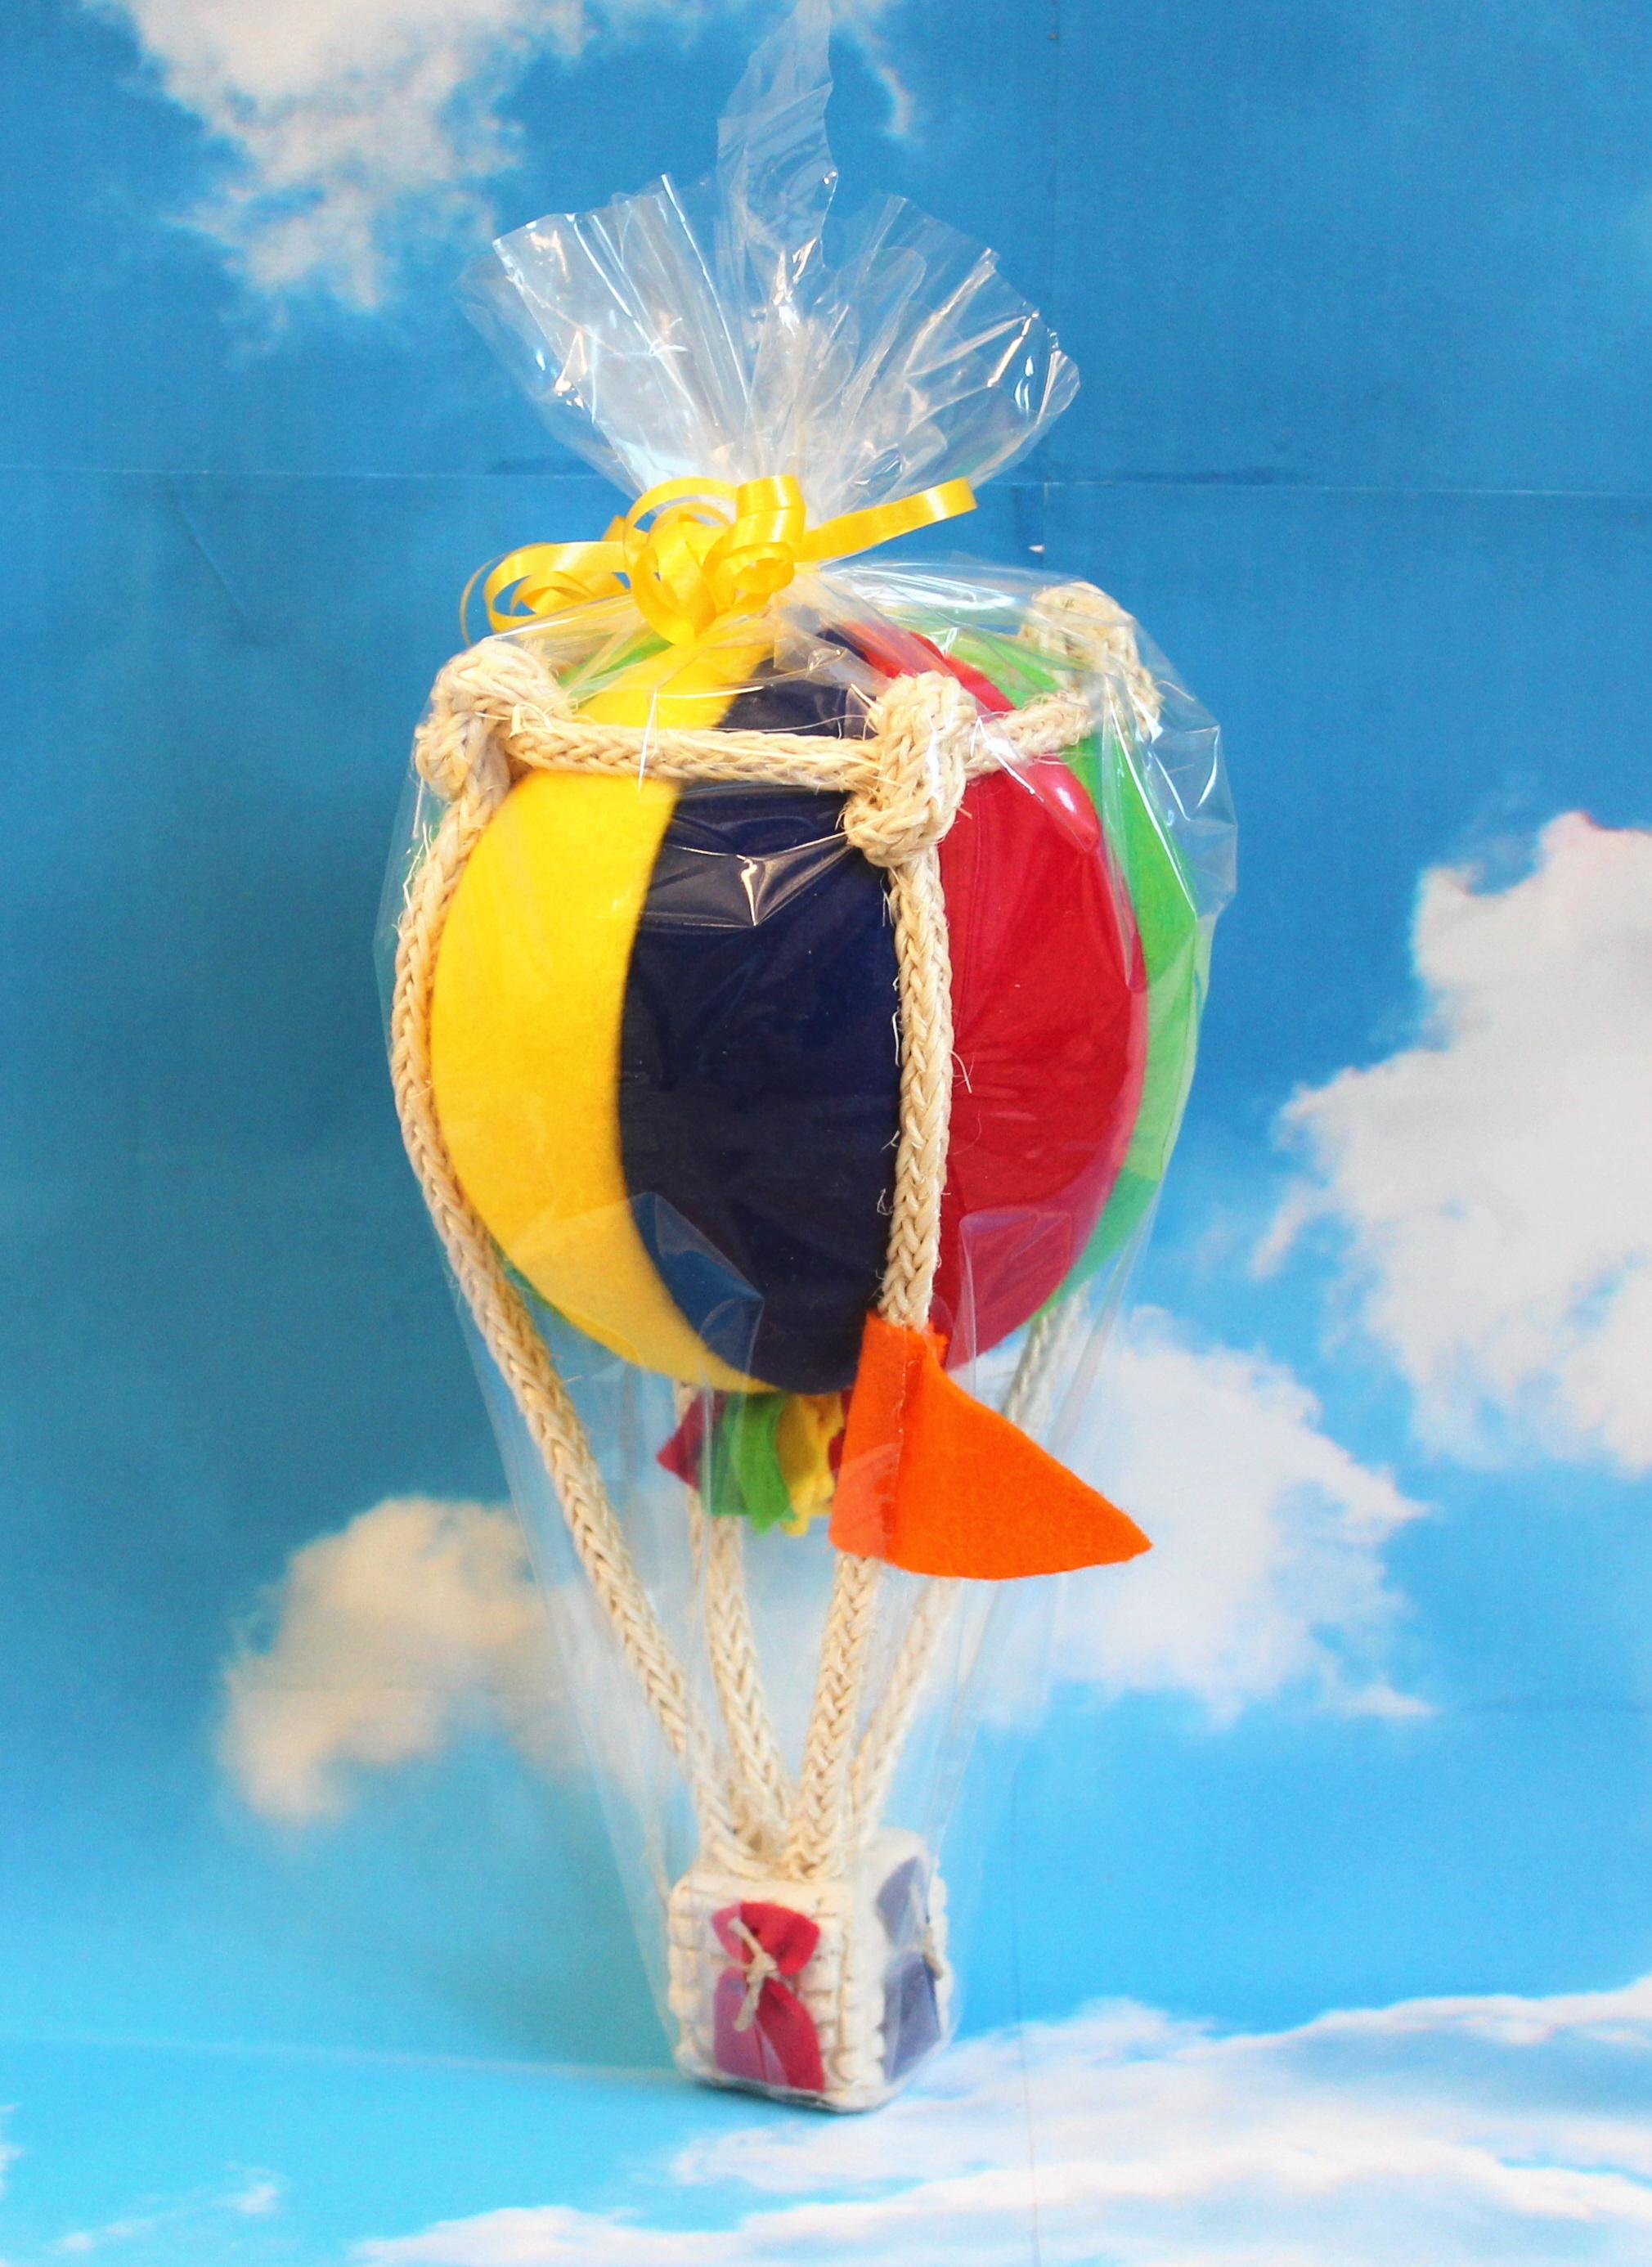 Modellballon kugelförmig mehrfarbig